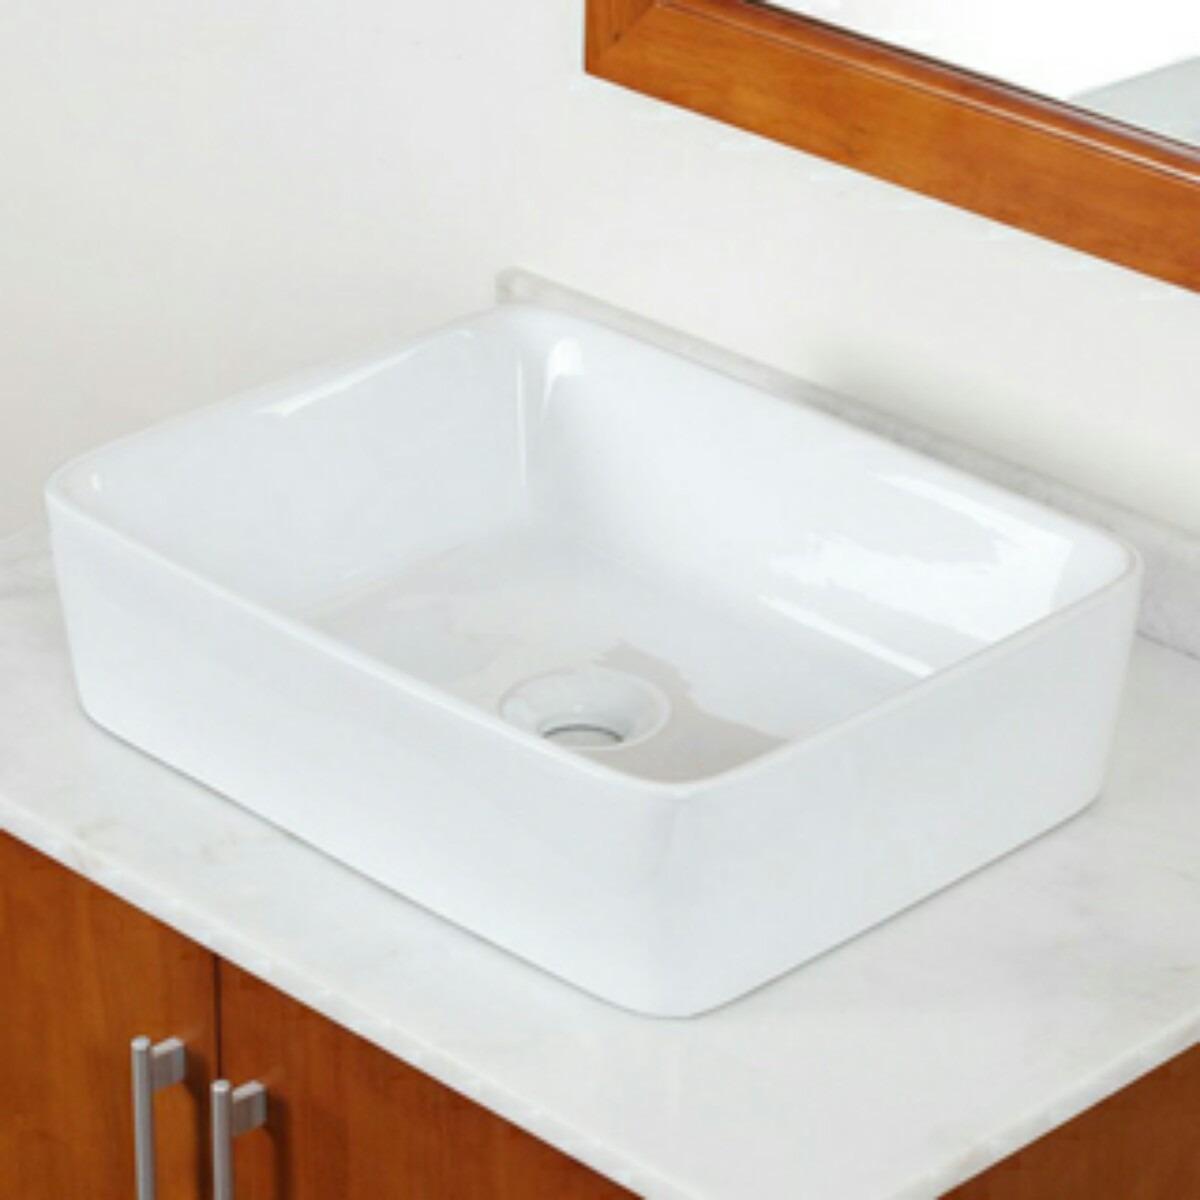 Cuba Cerâmica Retangular Banheiro Tipo Deca Roca Suite Luxo  R$ 289,90 em Me -> Pia Banheiro Roca